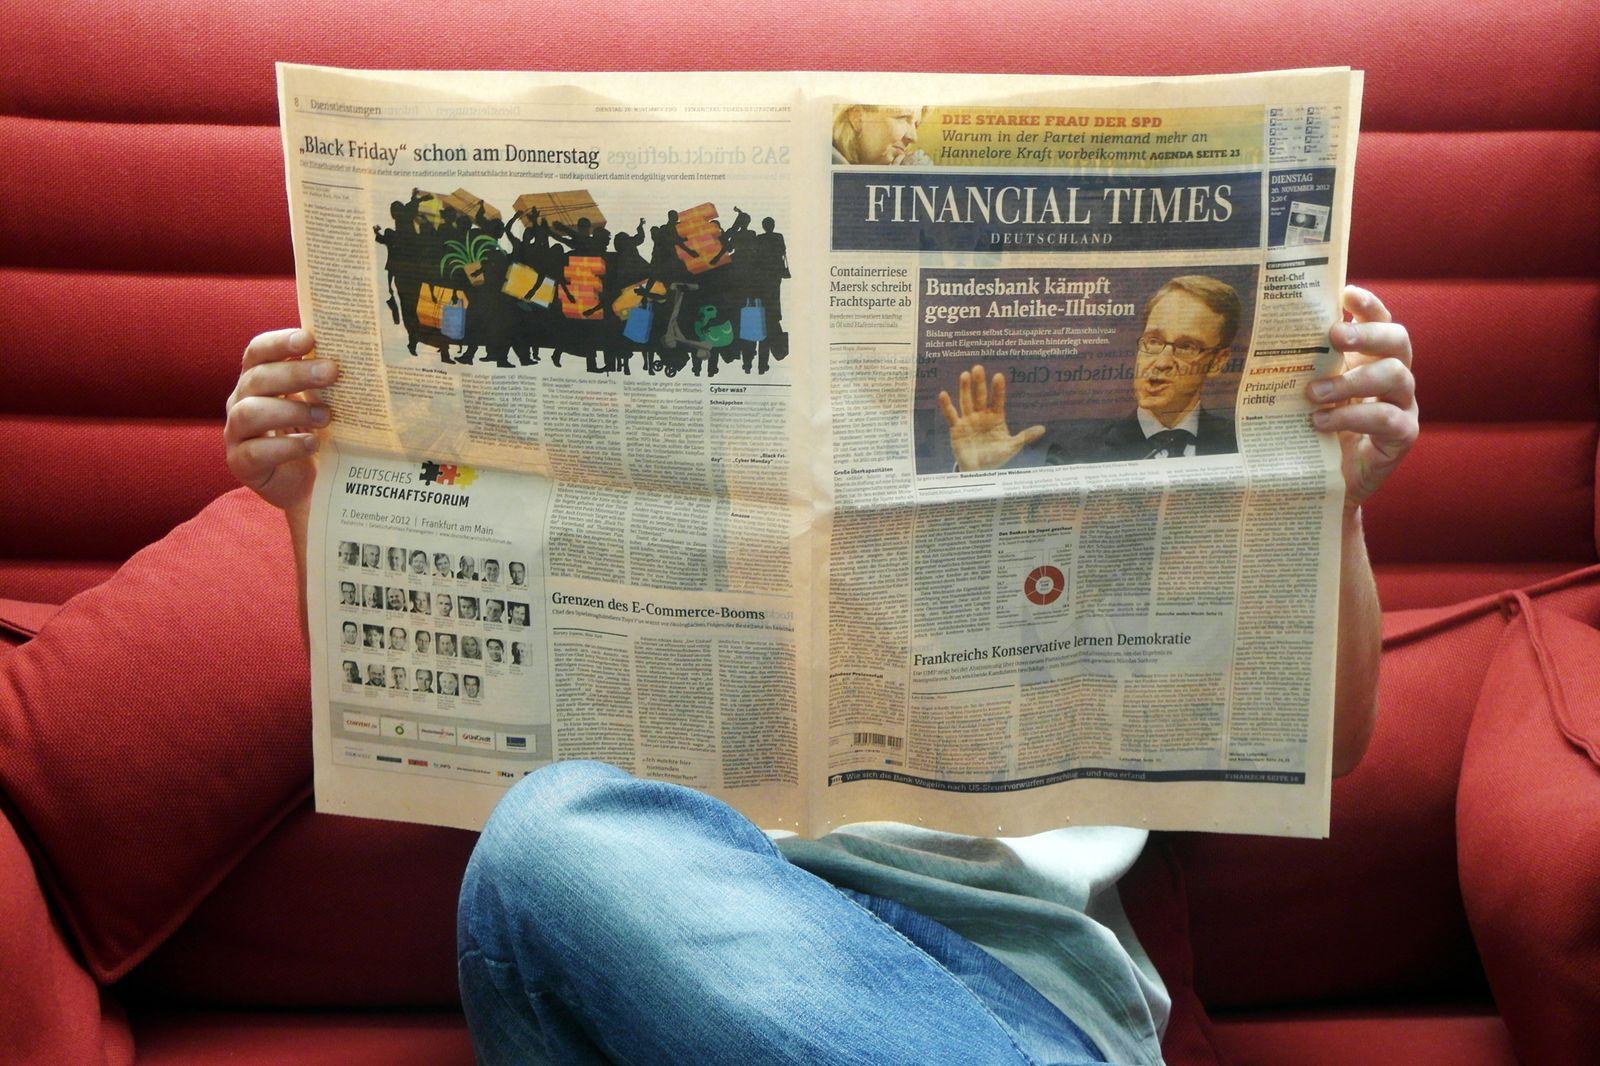 Financial Times Titel